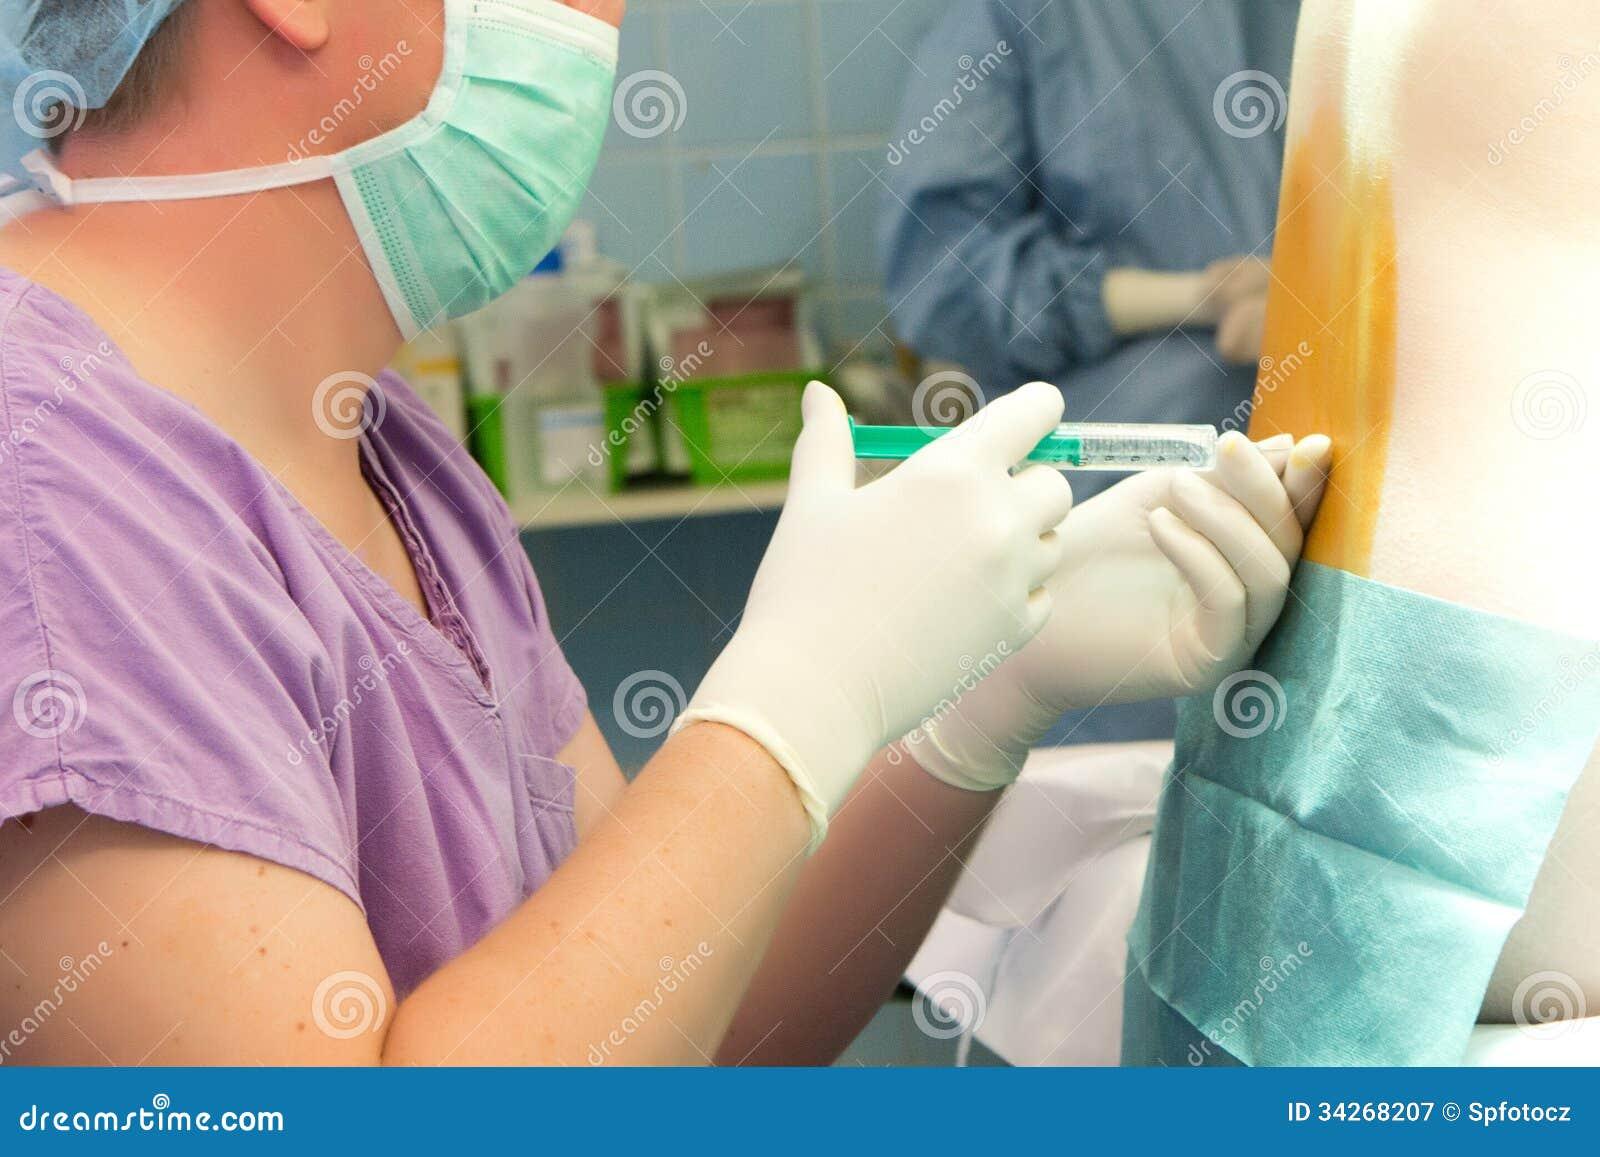 Dordzeniowa anestezja